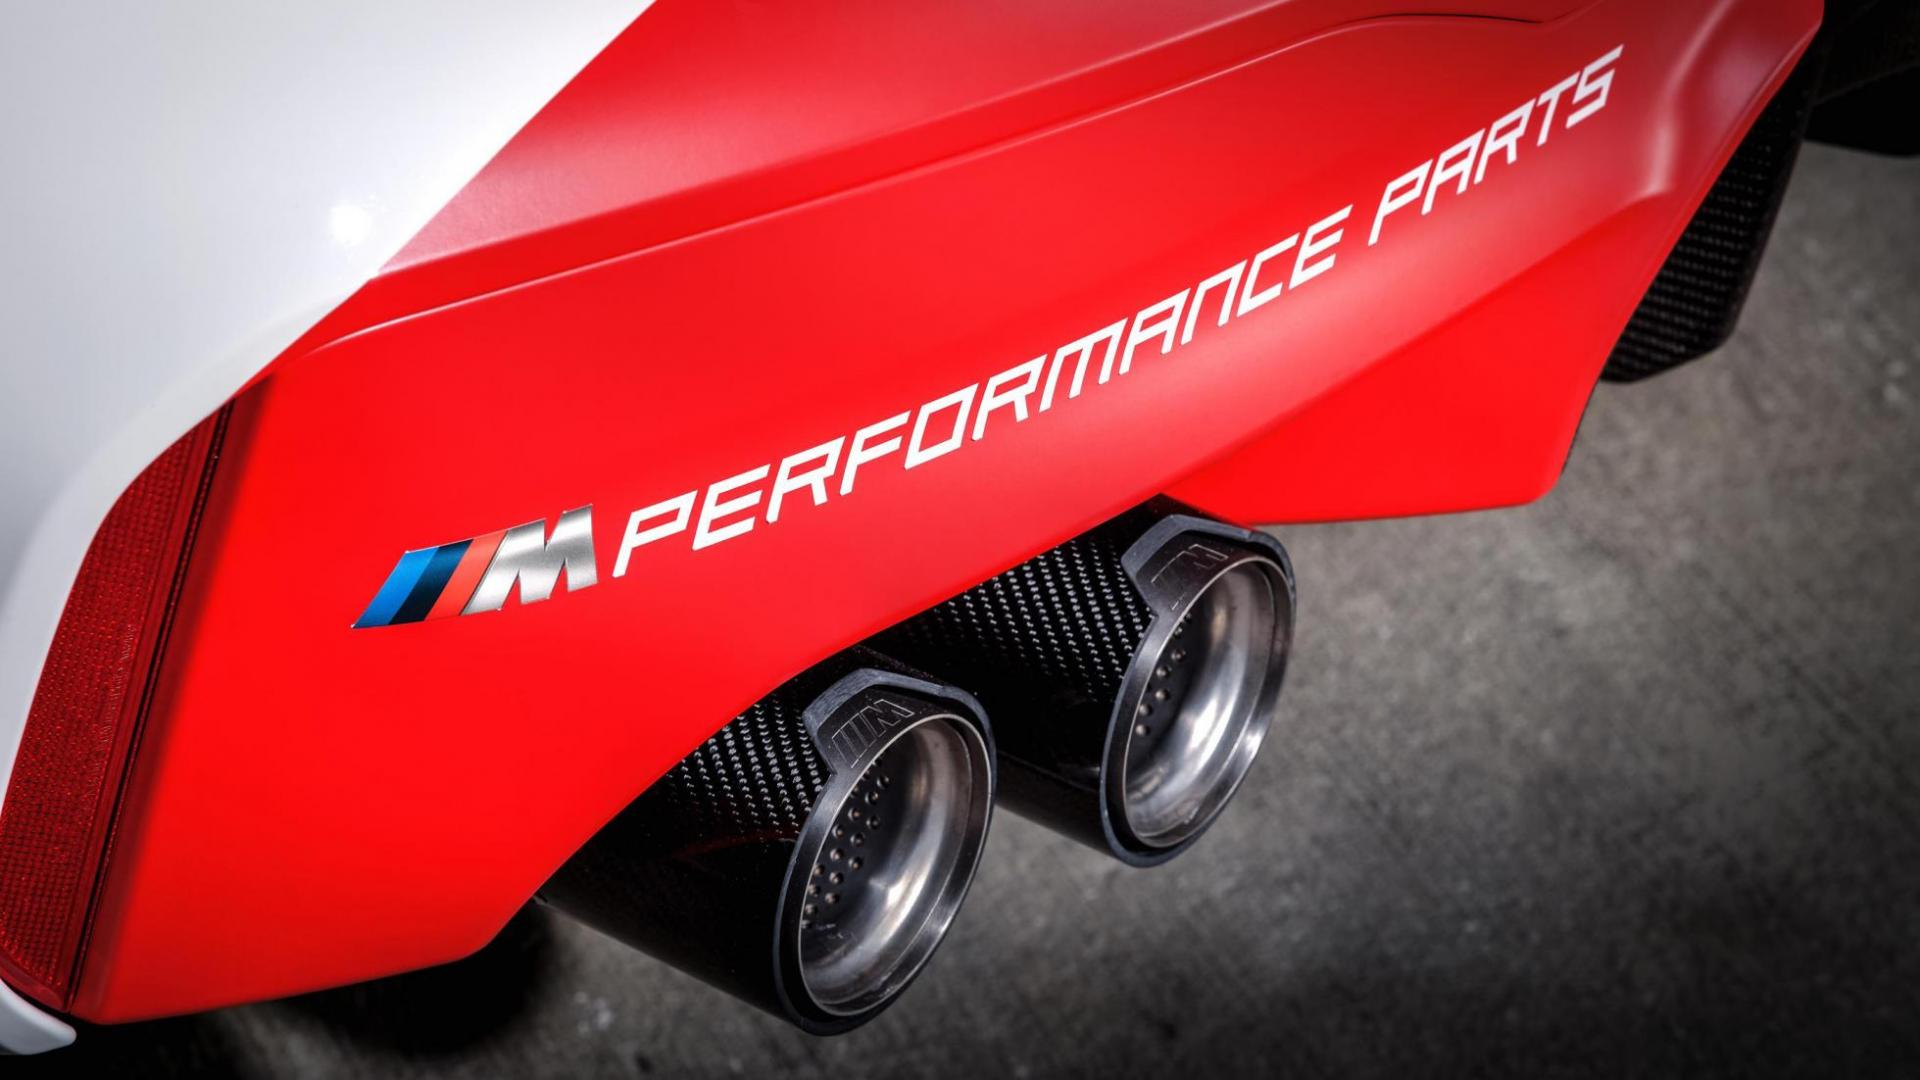 Geluid Van De Bmw M5 Met Performance Uitlaat Topgear